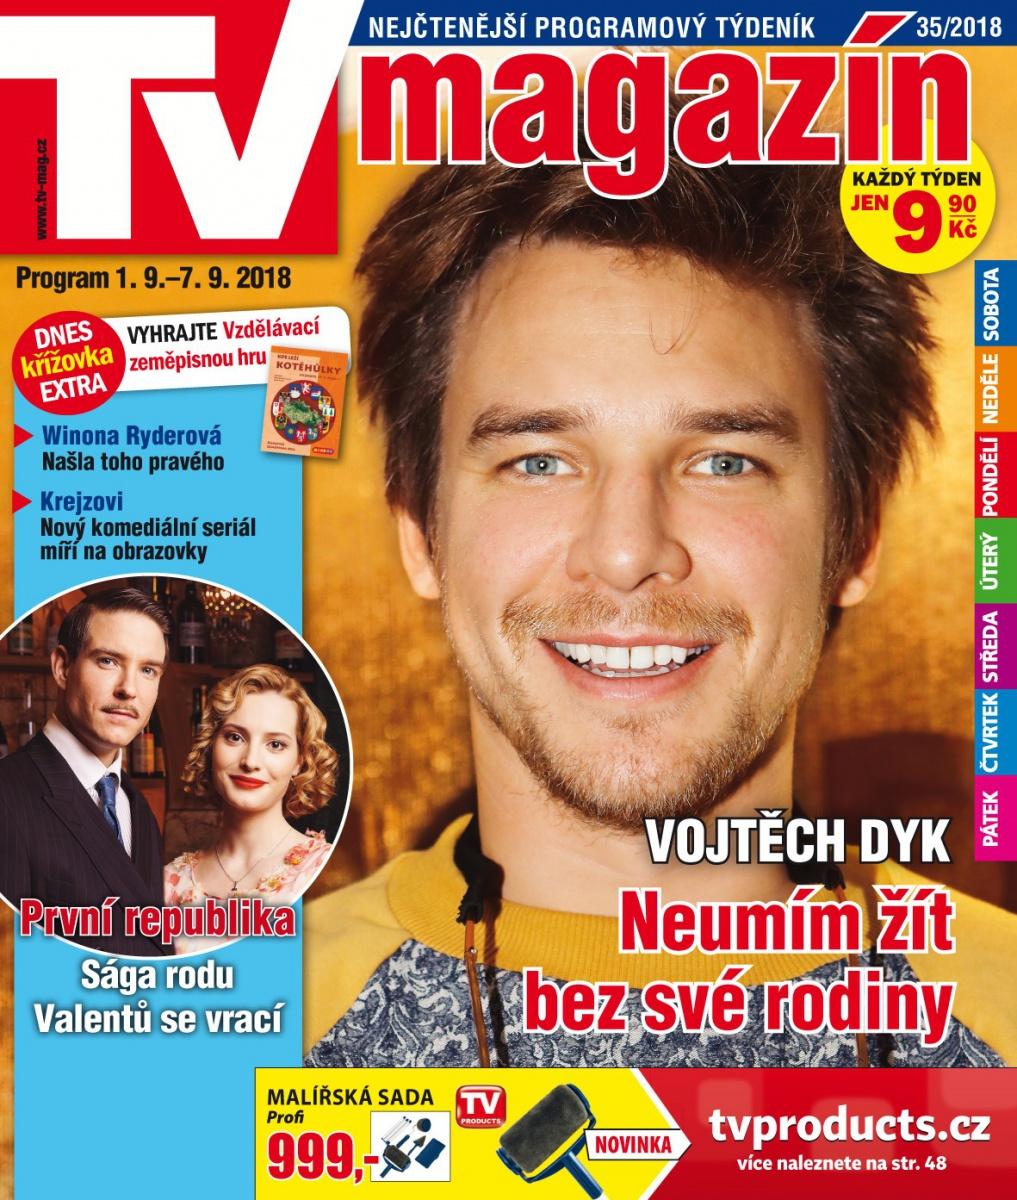 TVmagazin-titulka